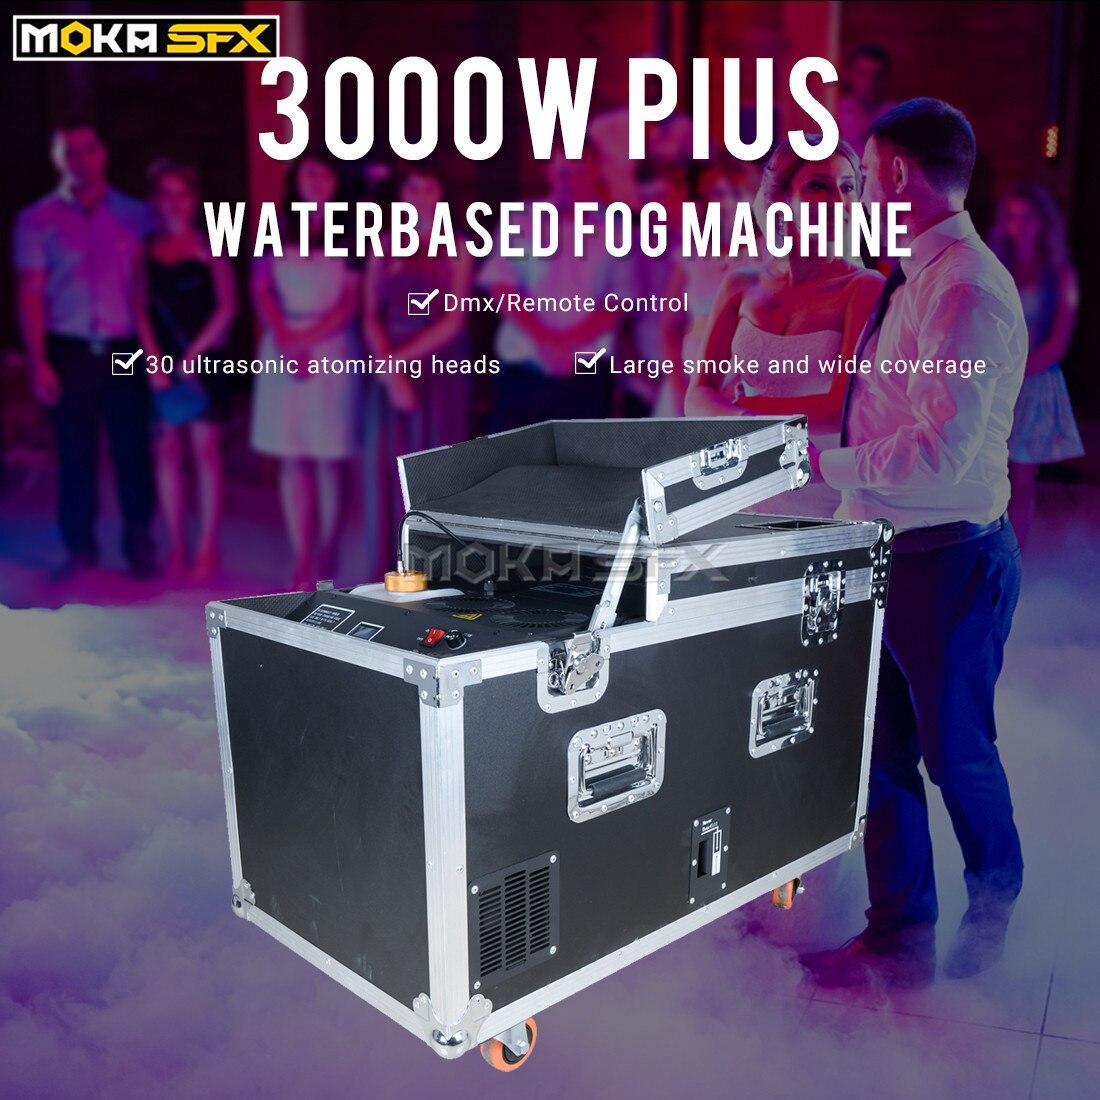 آلة ضباب مائية كبيرة ، 3000 واط ، تأثير الجليد الجاف ، رذاذ الماء المنخفض ، 2 خزان مياه كبير ، آلة دخان مع مخرج